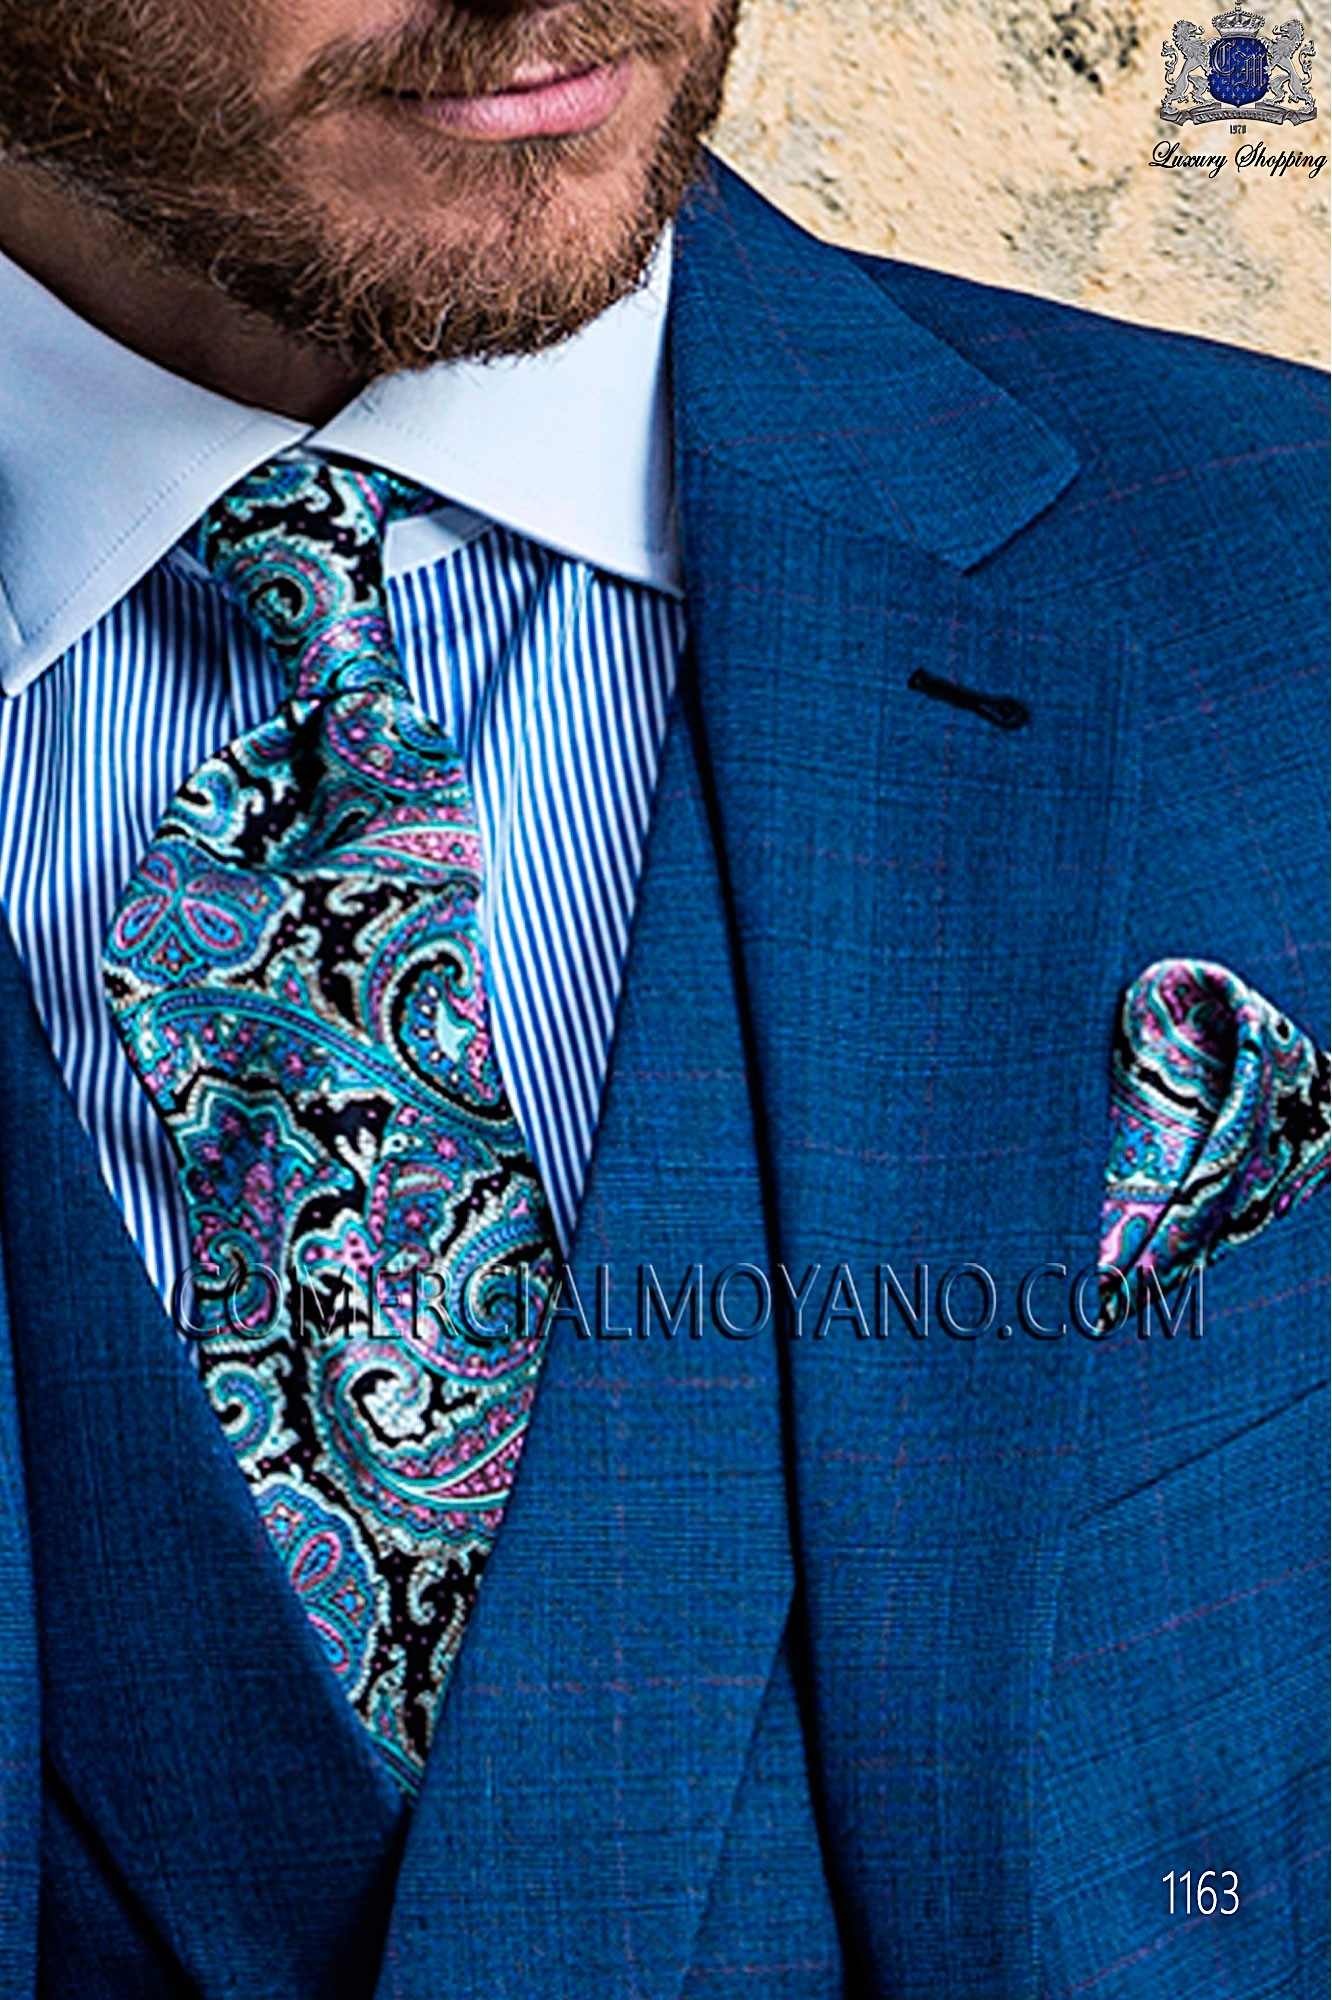 Traje Gentleman de novio Azul modelo: 1163 Ottavio Nuccio Gala colección Gentleman 2017